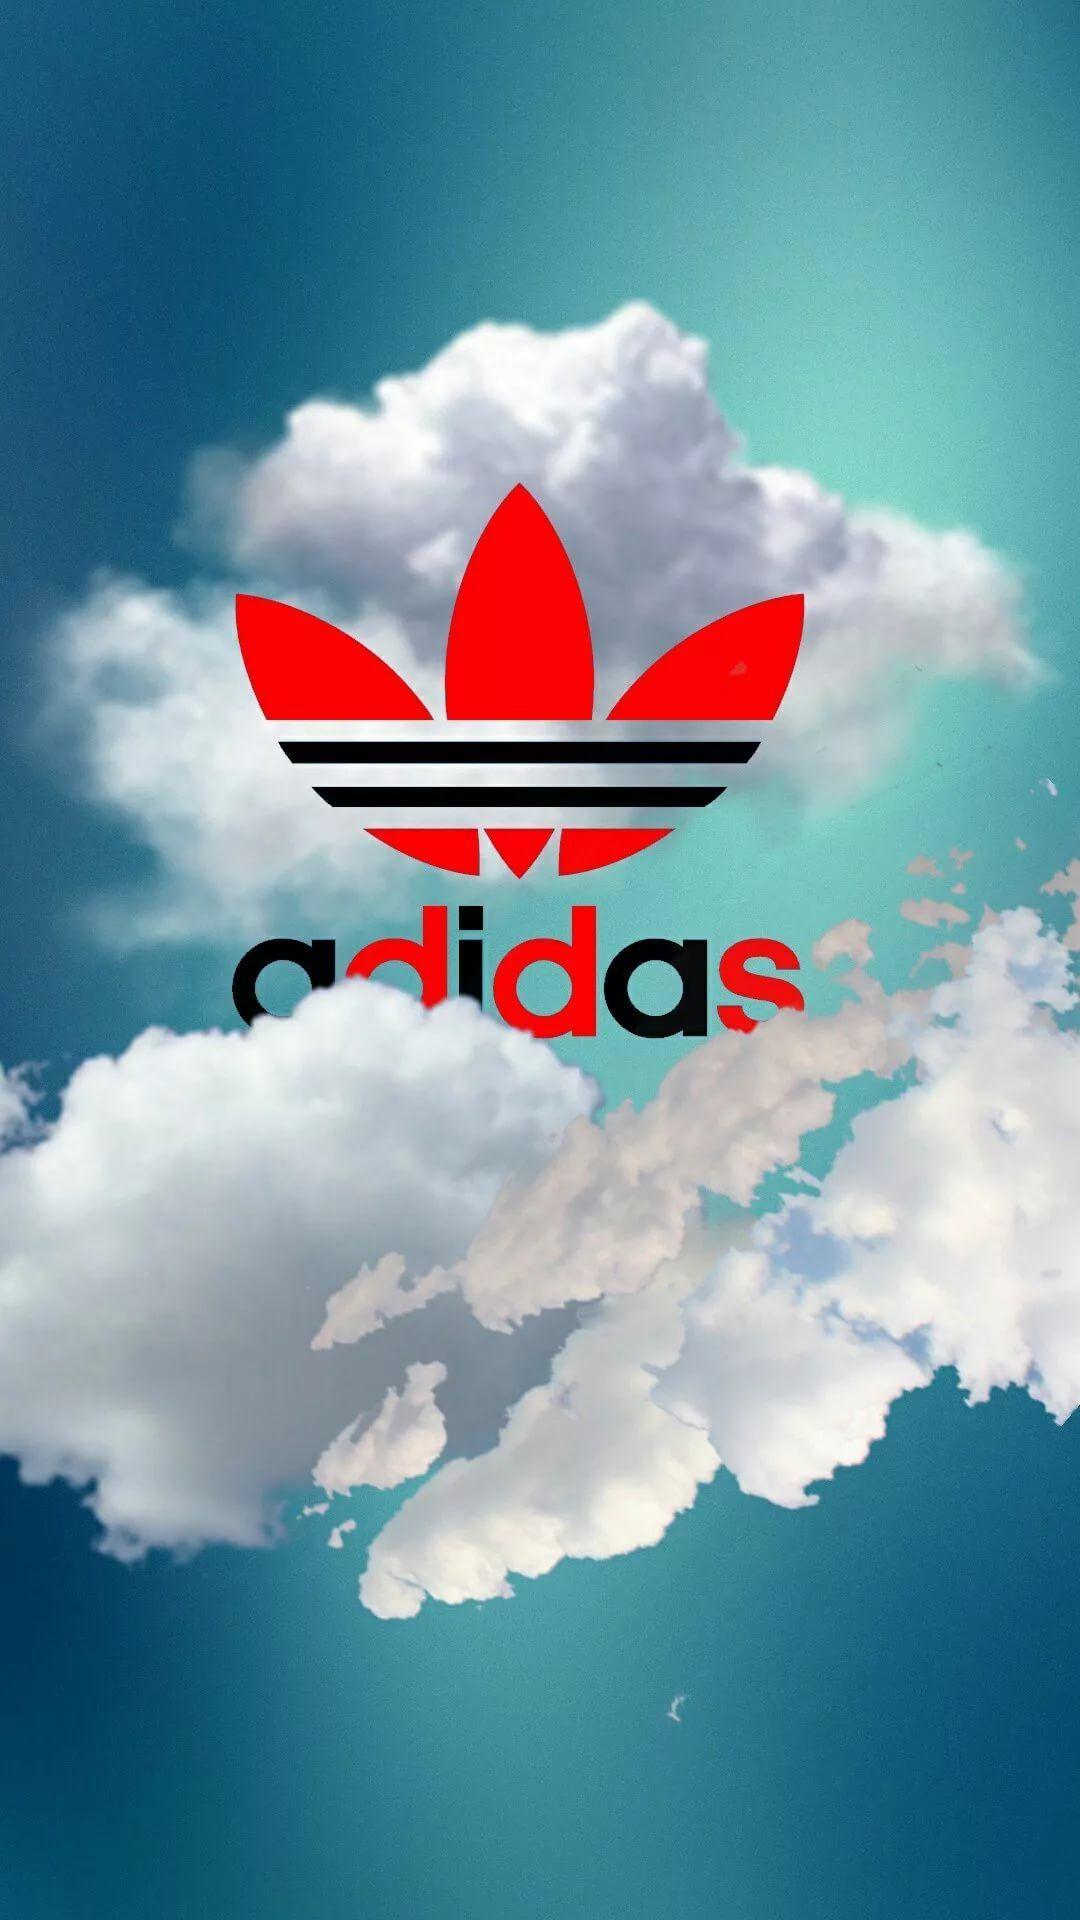 Adidas phone background